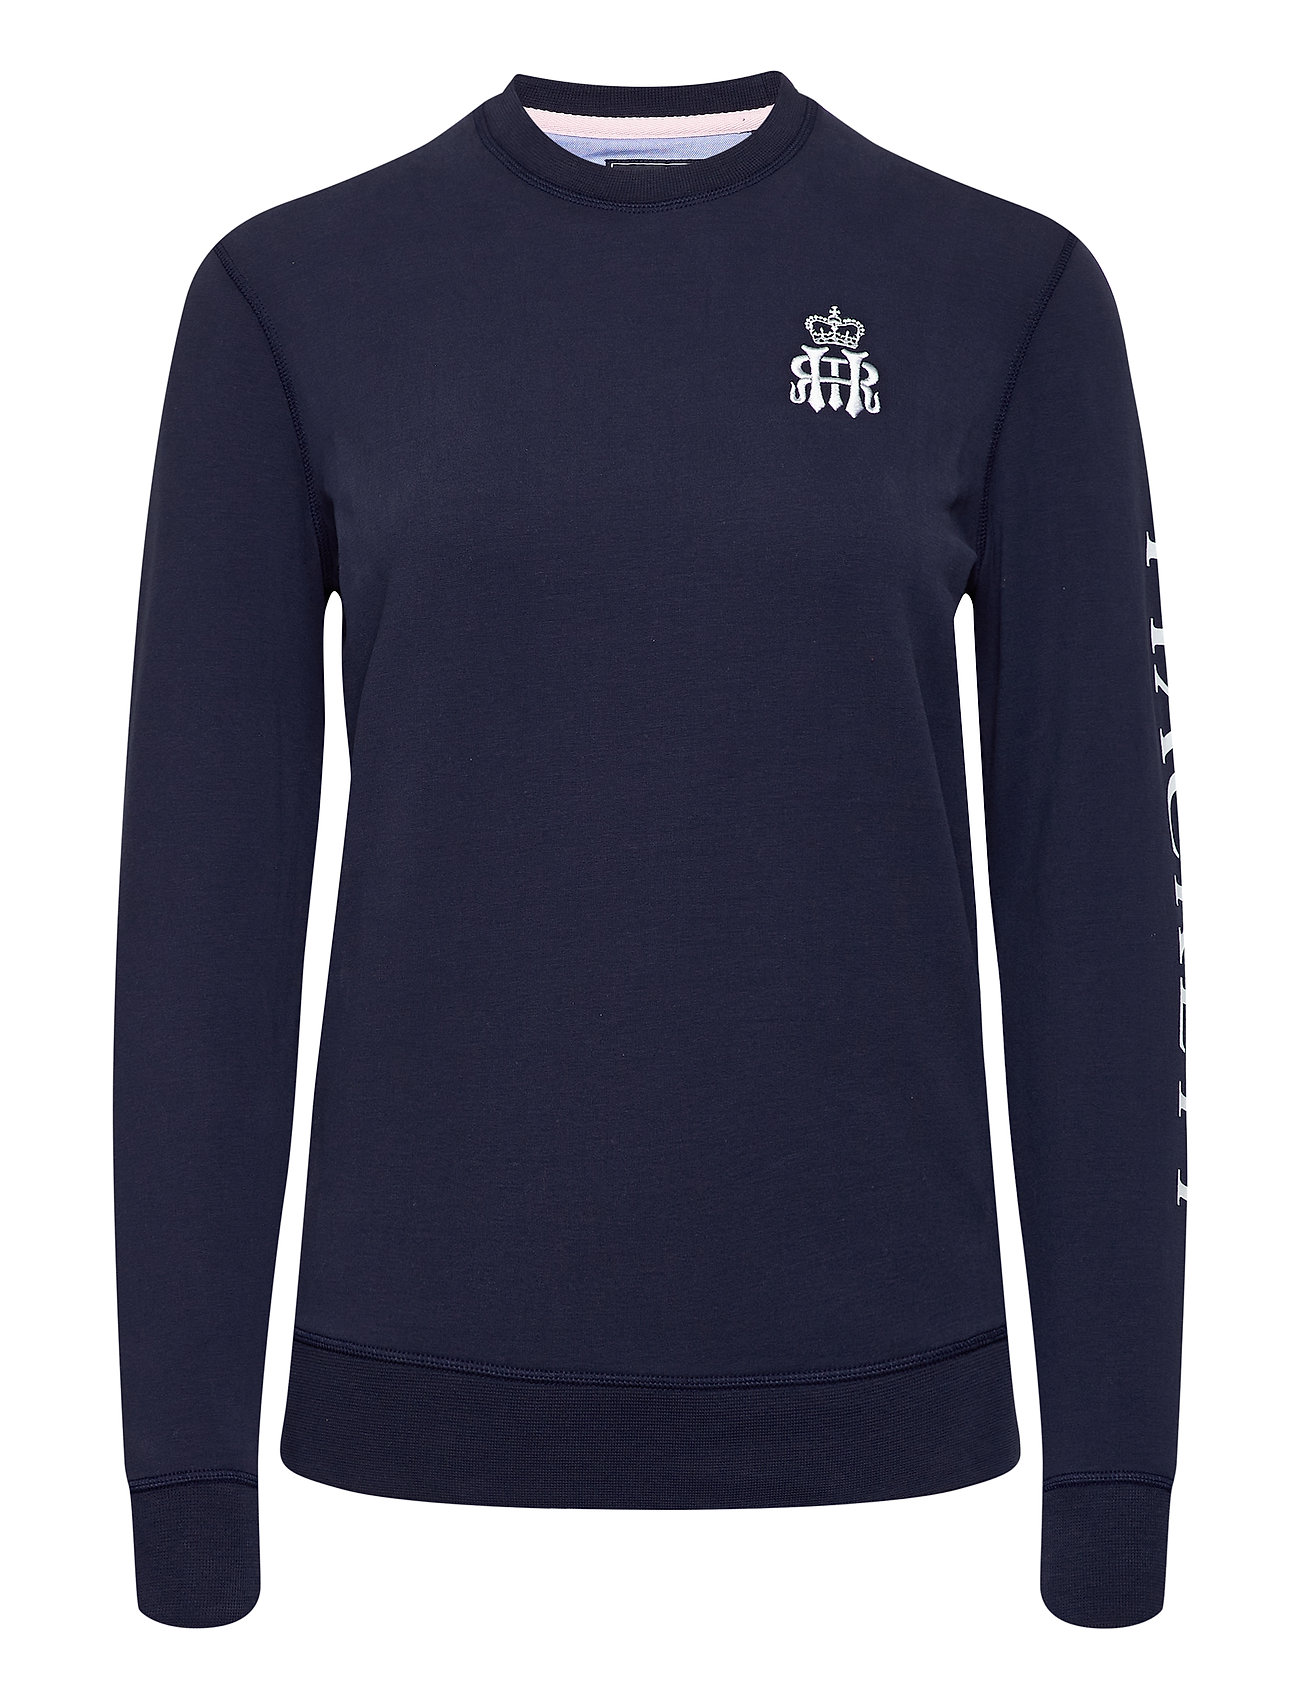 Image of Hrr Hkt Crew W Sweatshirt Trøje Blå Hackett London (3438743581)